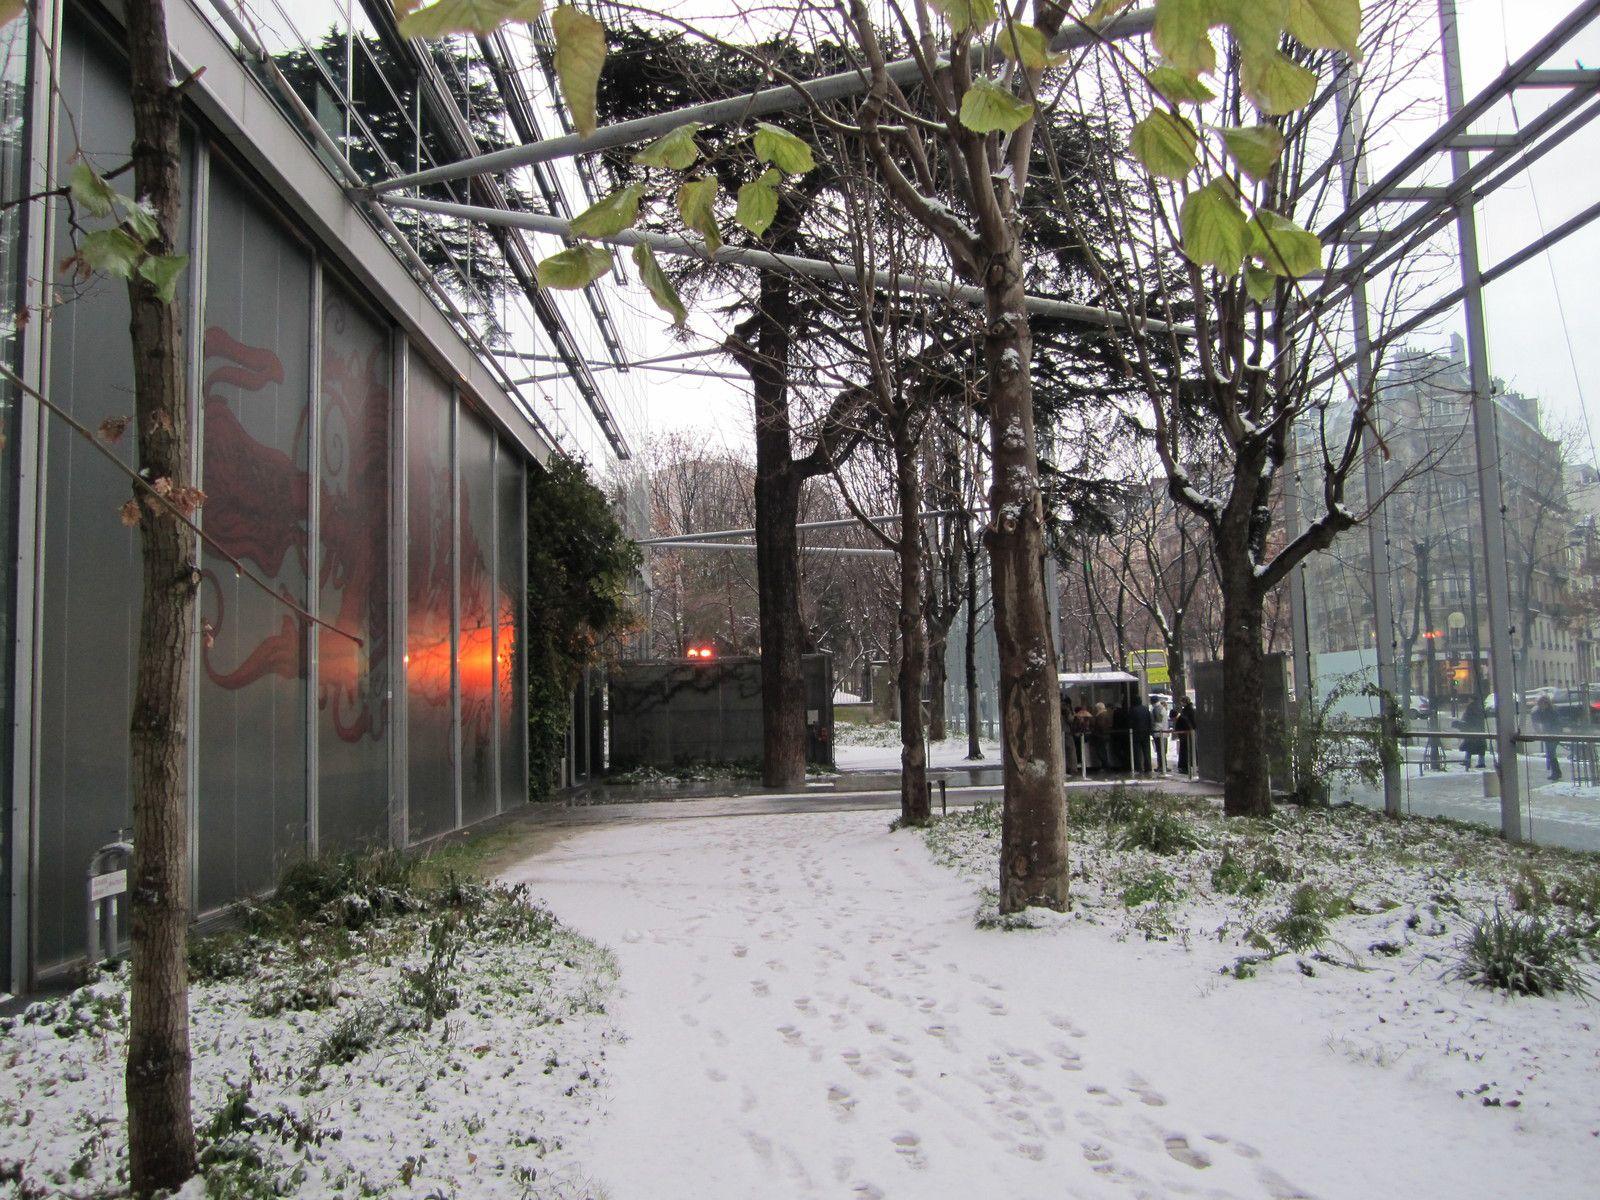 Jean Nouvel - Paris Fondation Cartier - Photos: Lankaart (c)